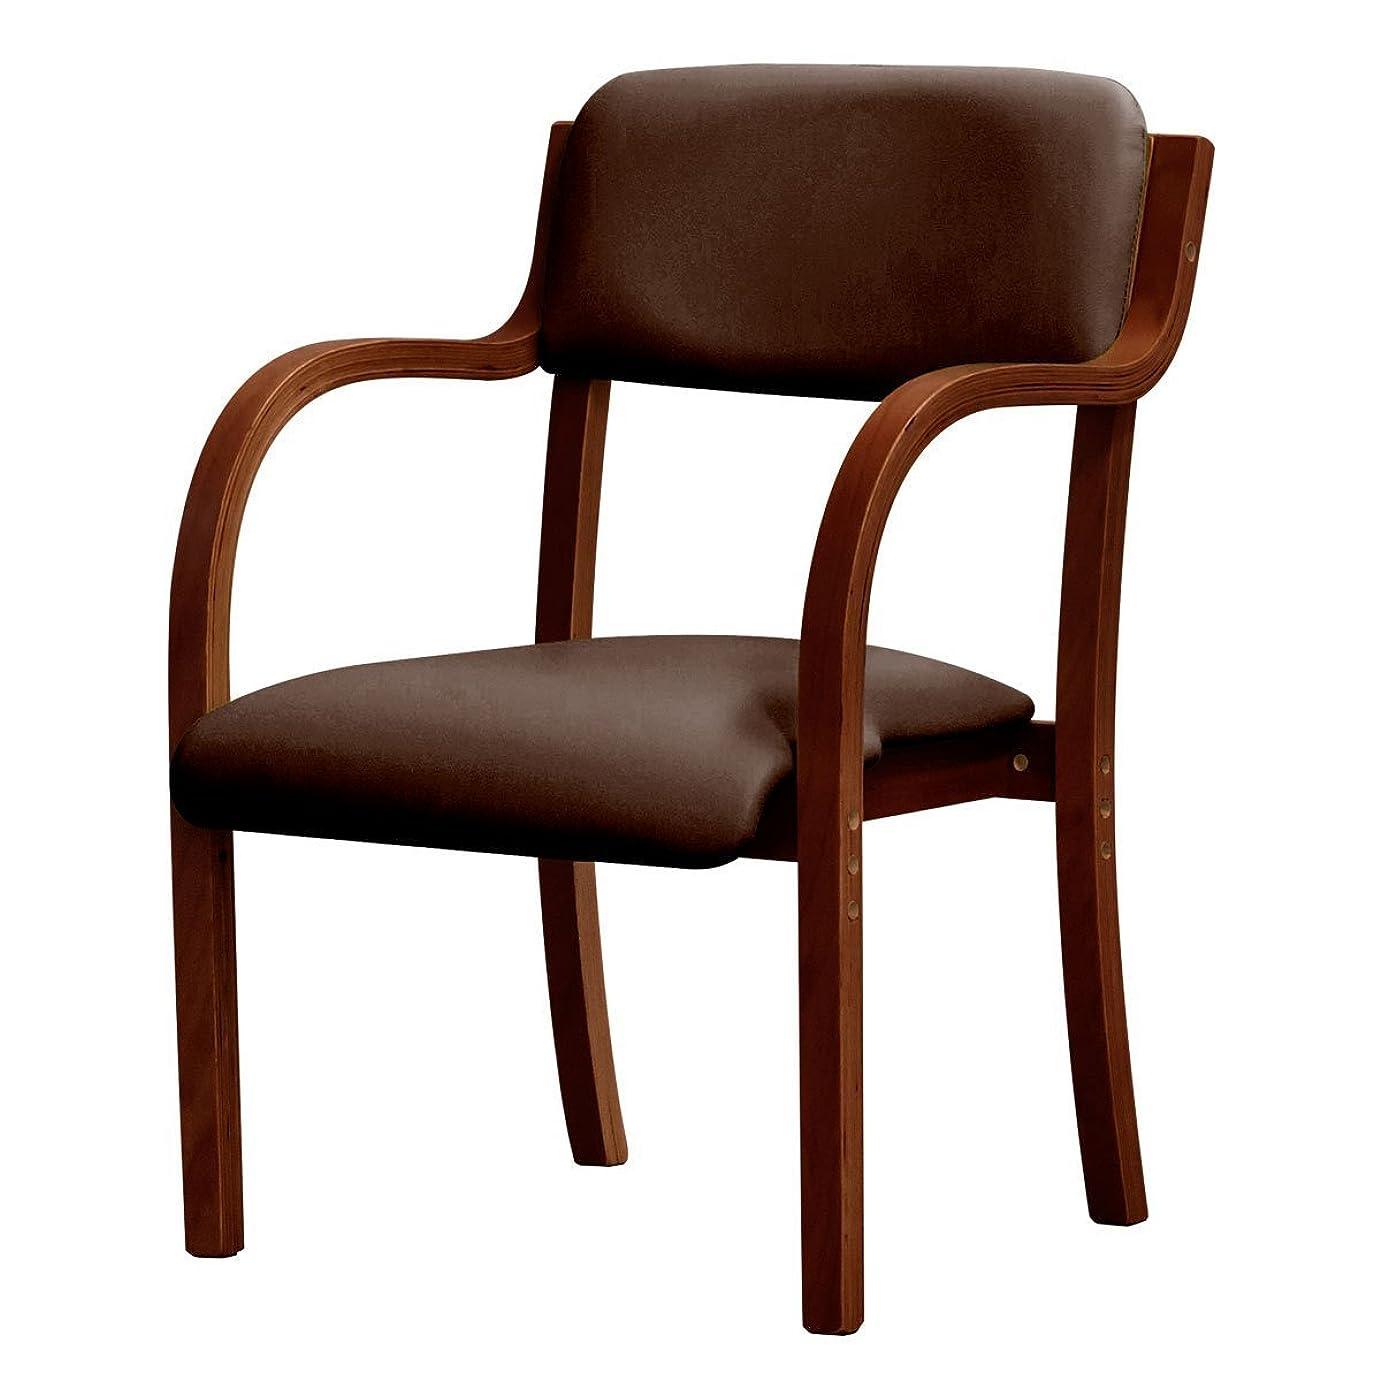 桁探すチーズottostyle.jp ダイニングチェア 介護椅子 【ブラウン×ダークブラウン】 肘付き スタッキング可能